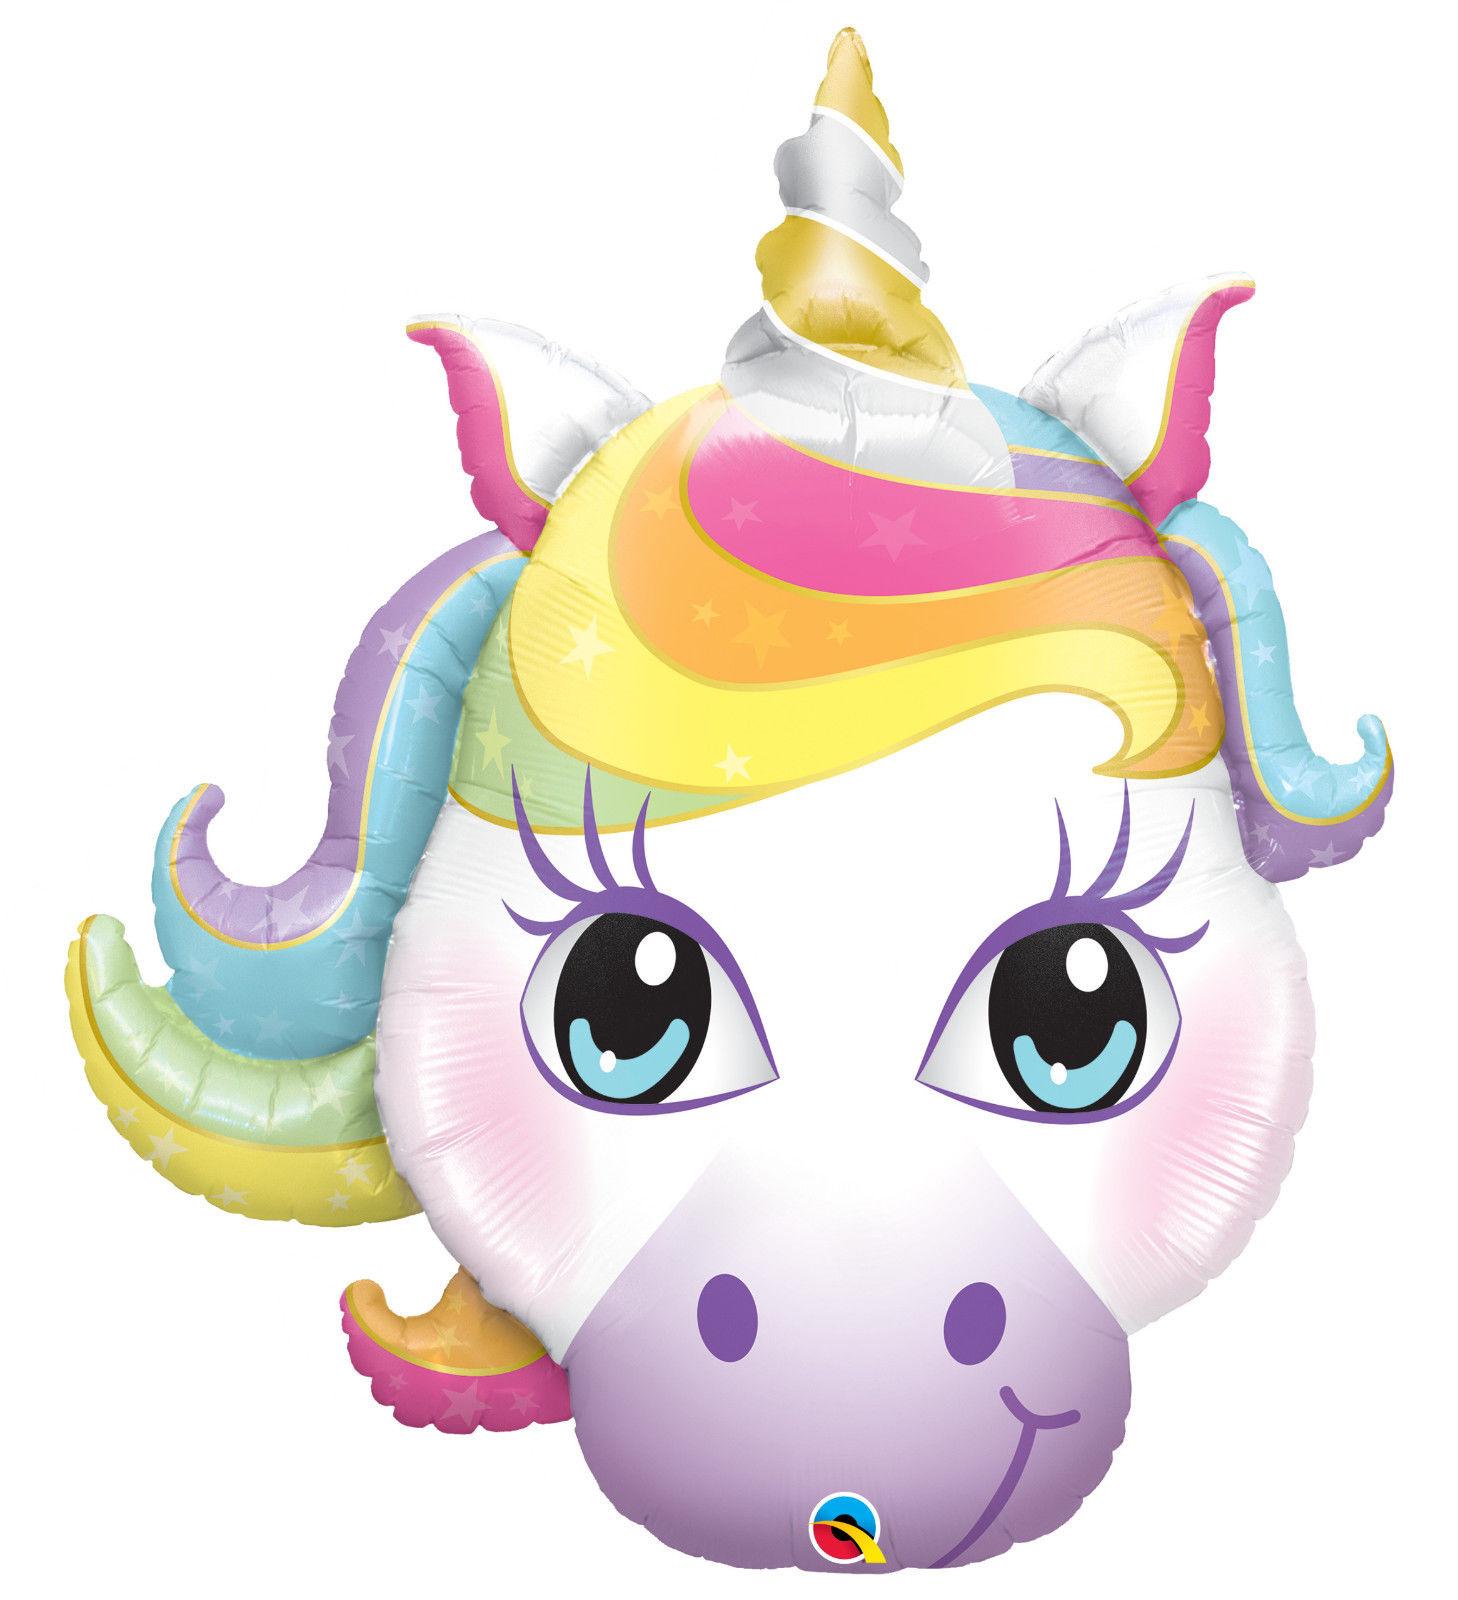 Folienballon Magical Unicorn Folienfiguren 38in/97cm